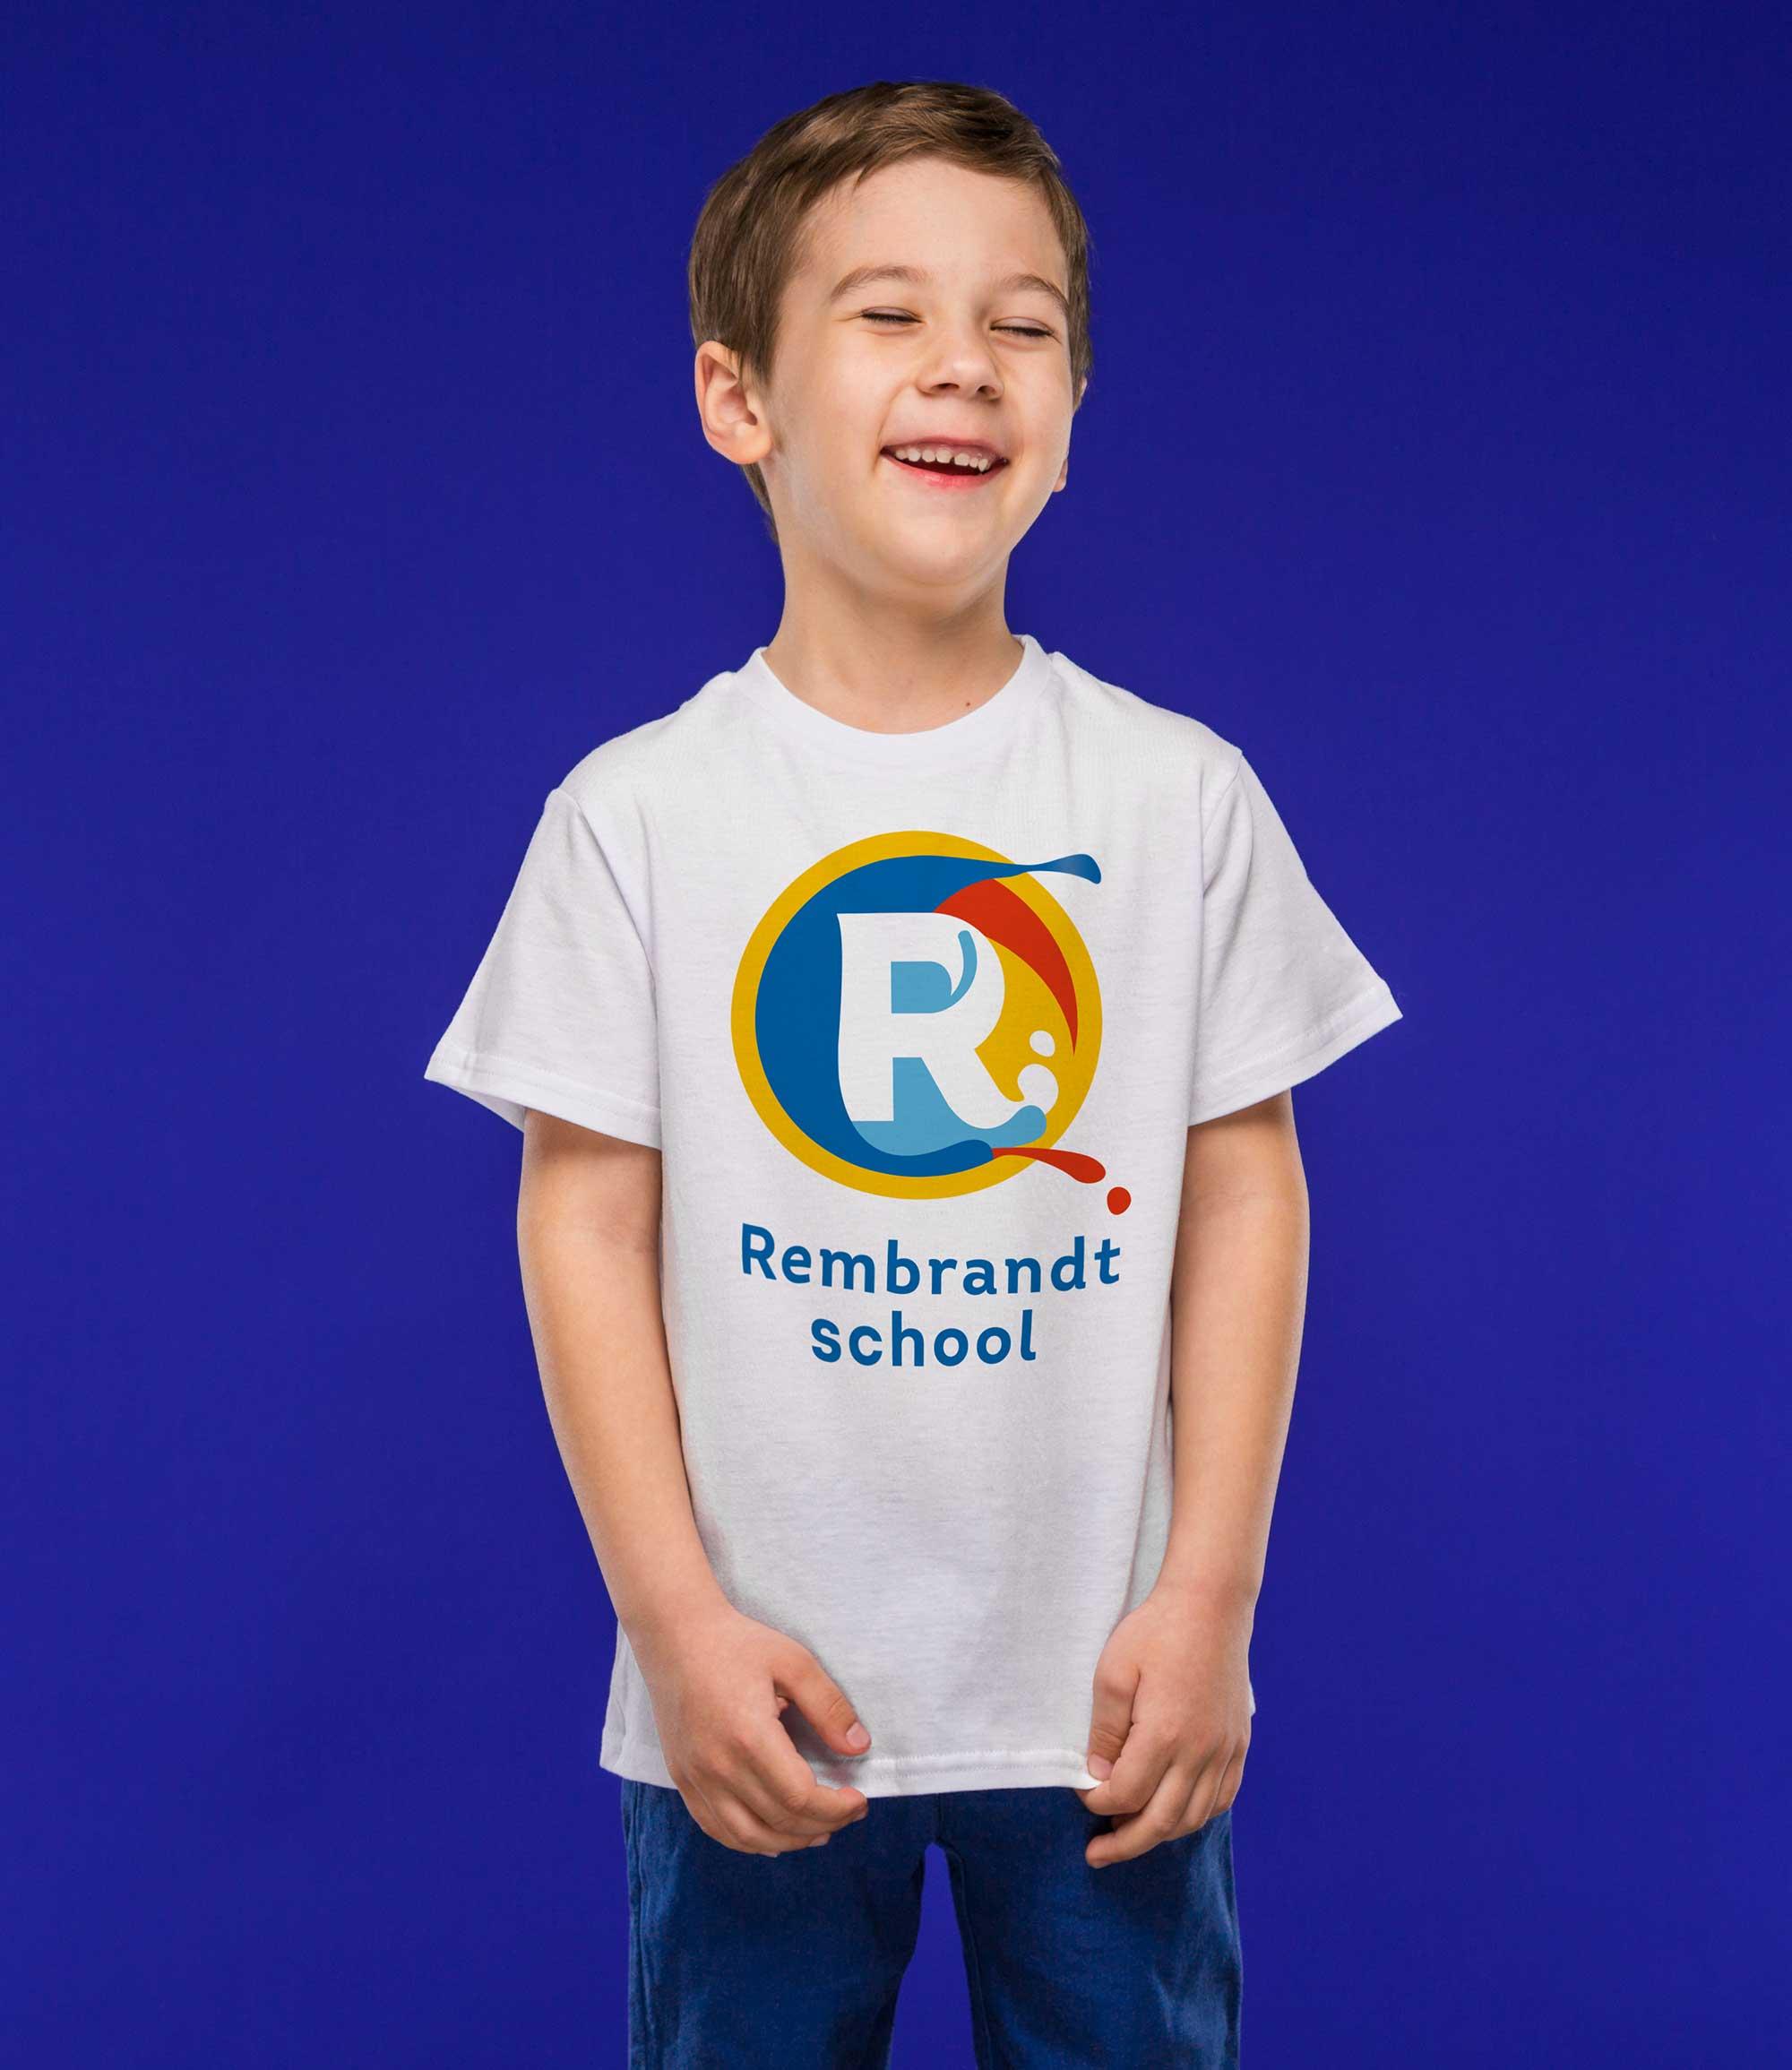 Impulsar-scuolaRembrandt maglietta